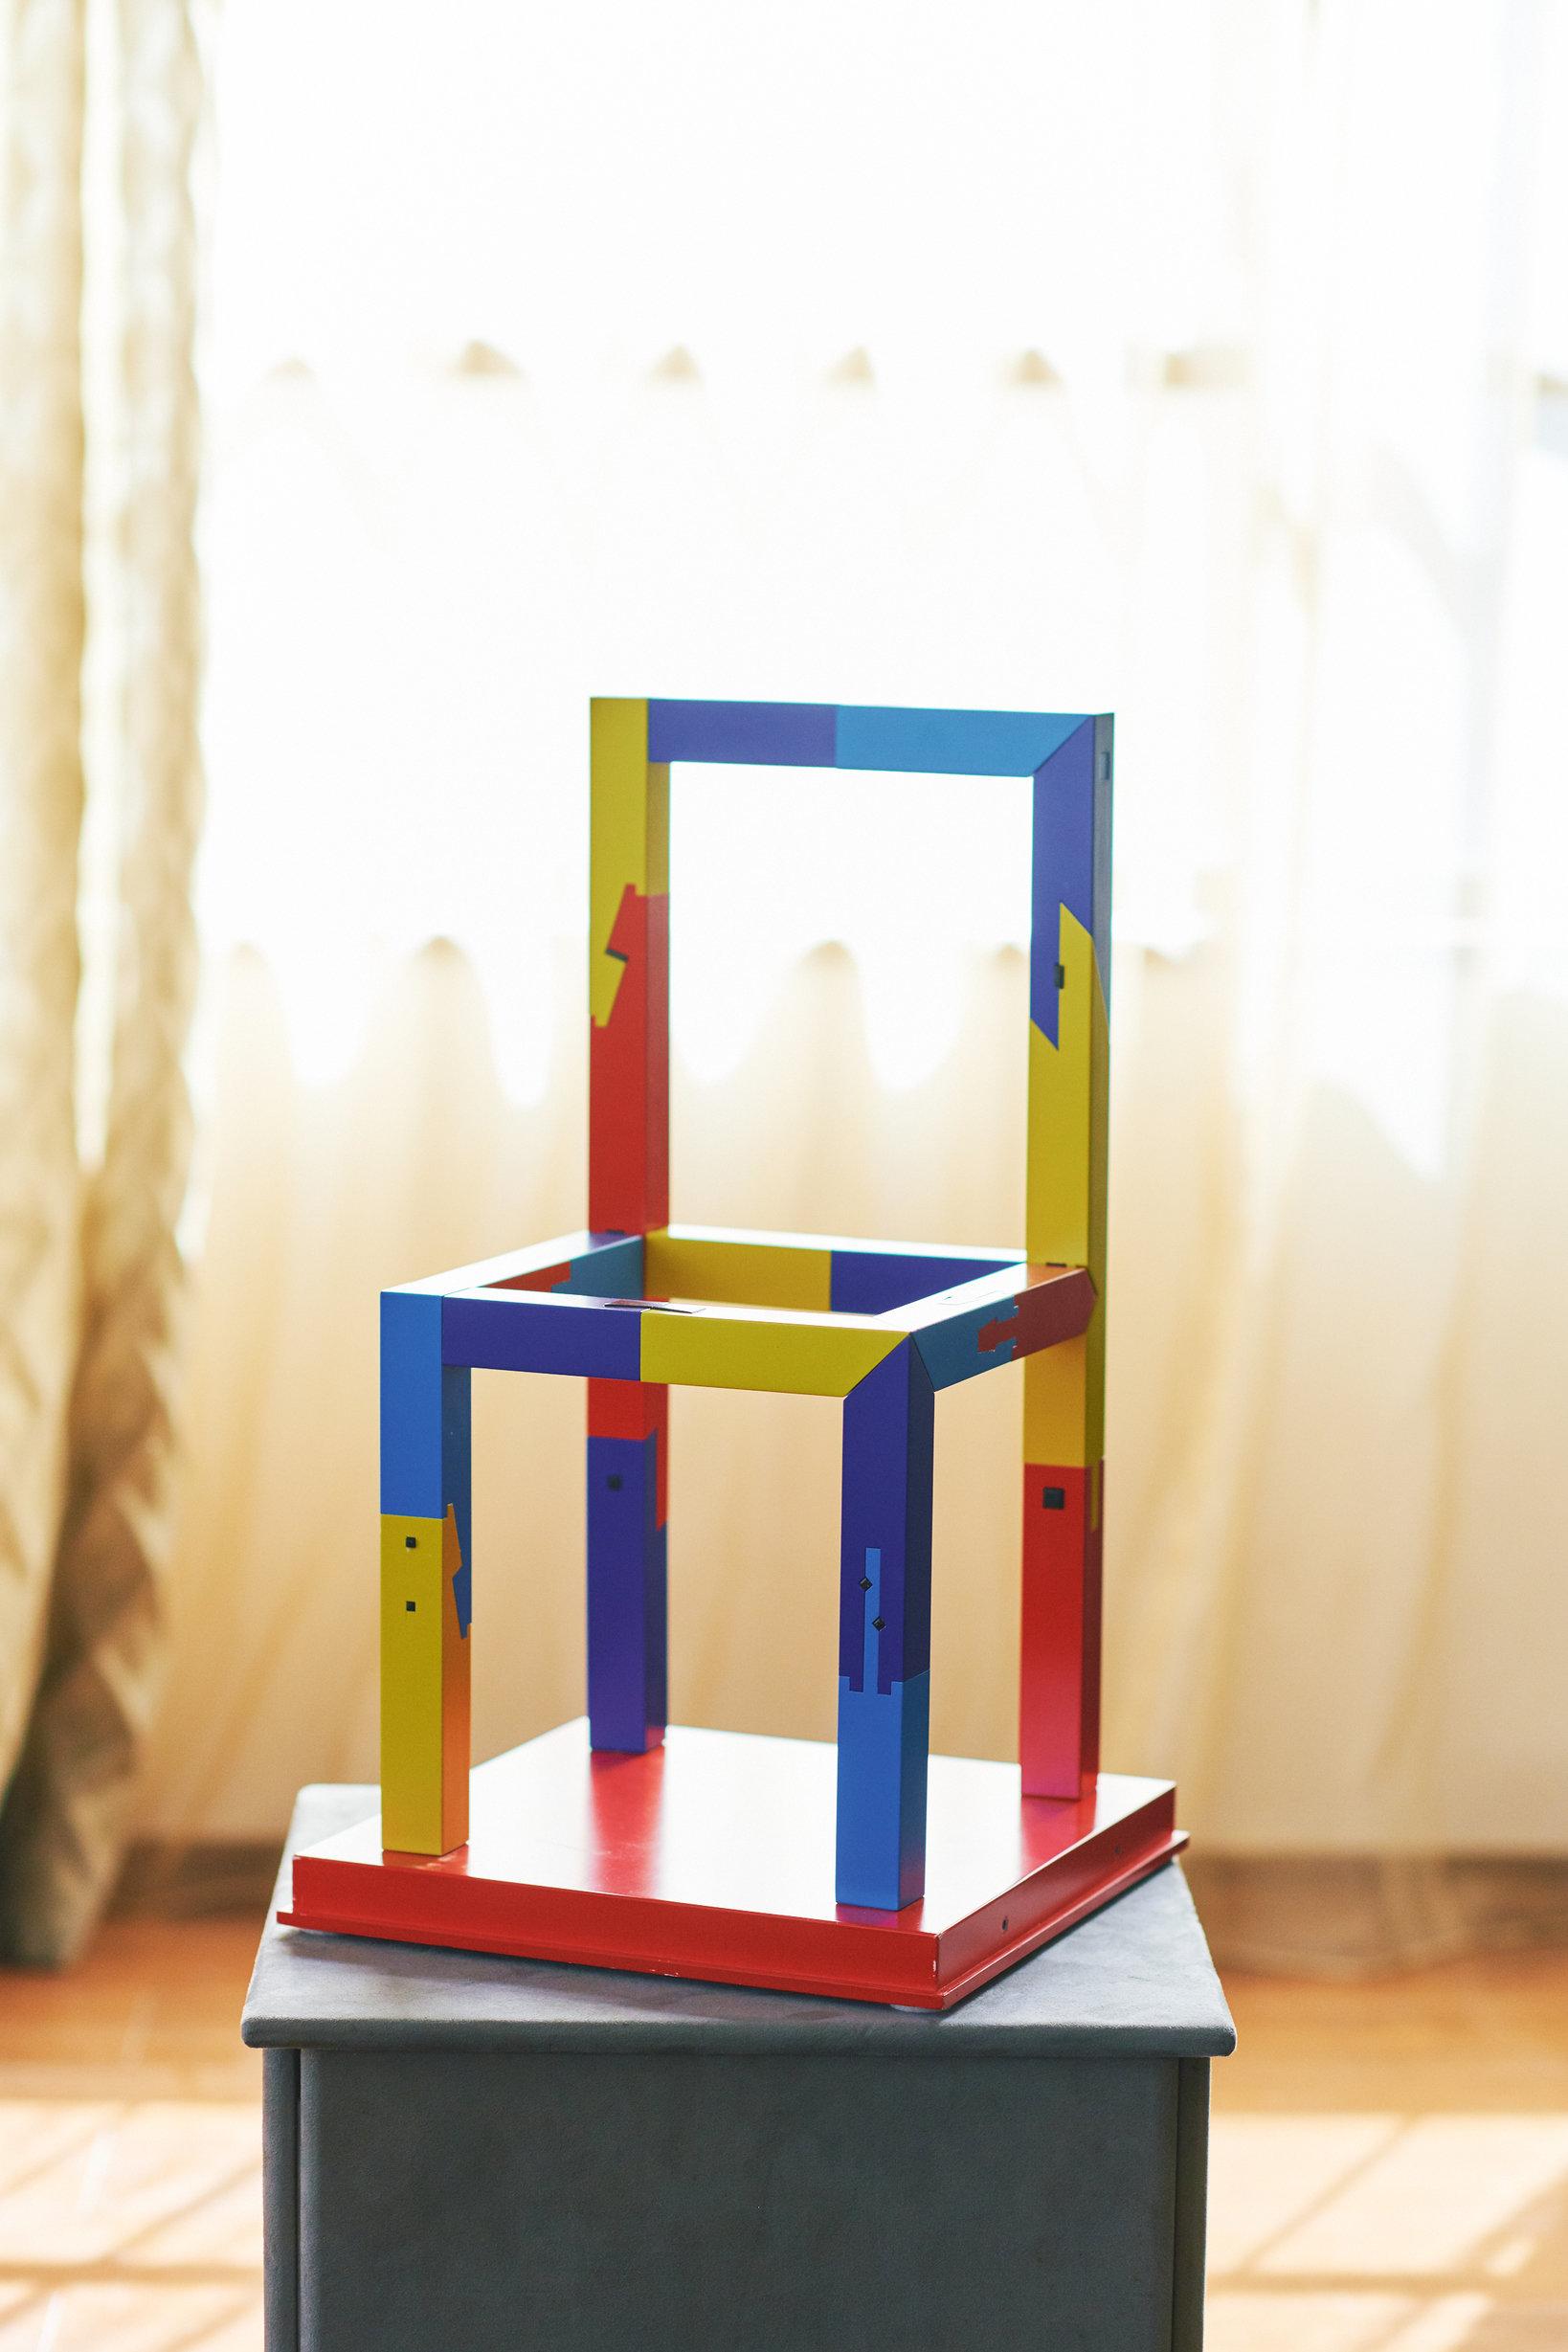 組手の技を集約してつくった椅子の模型